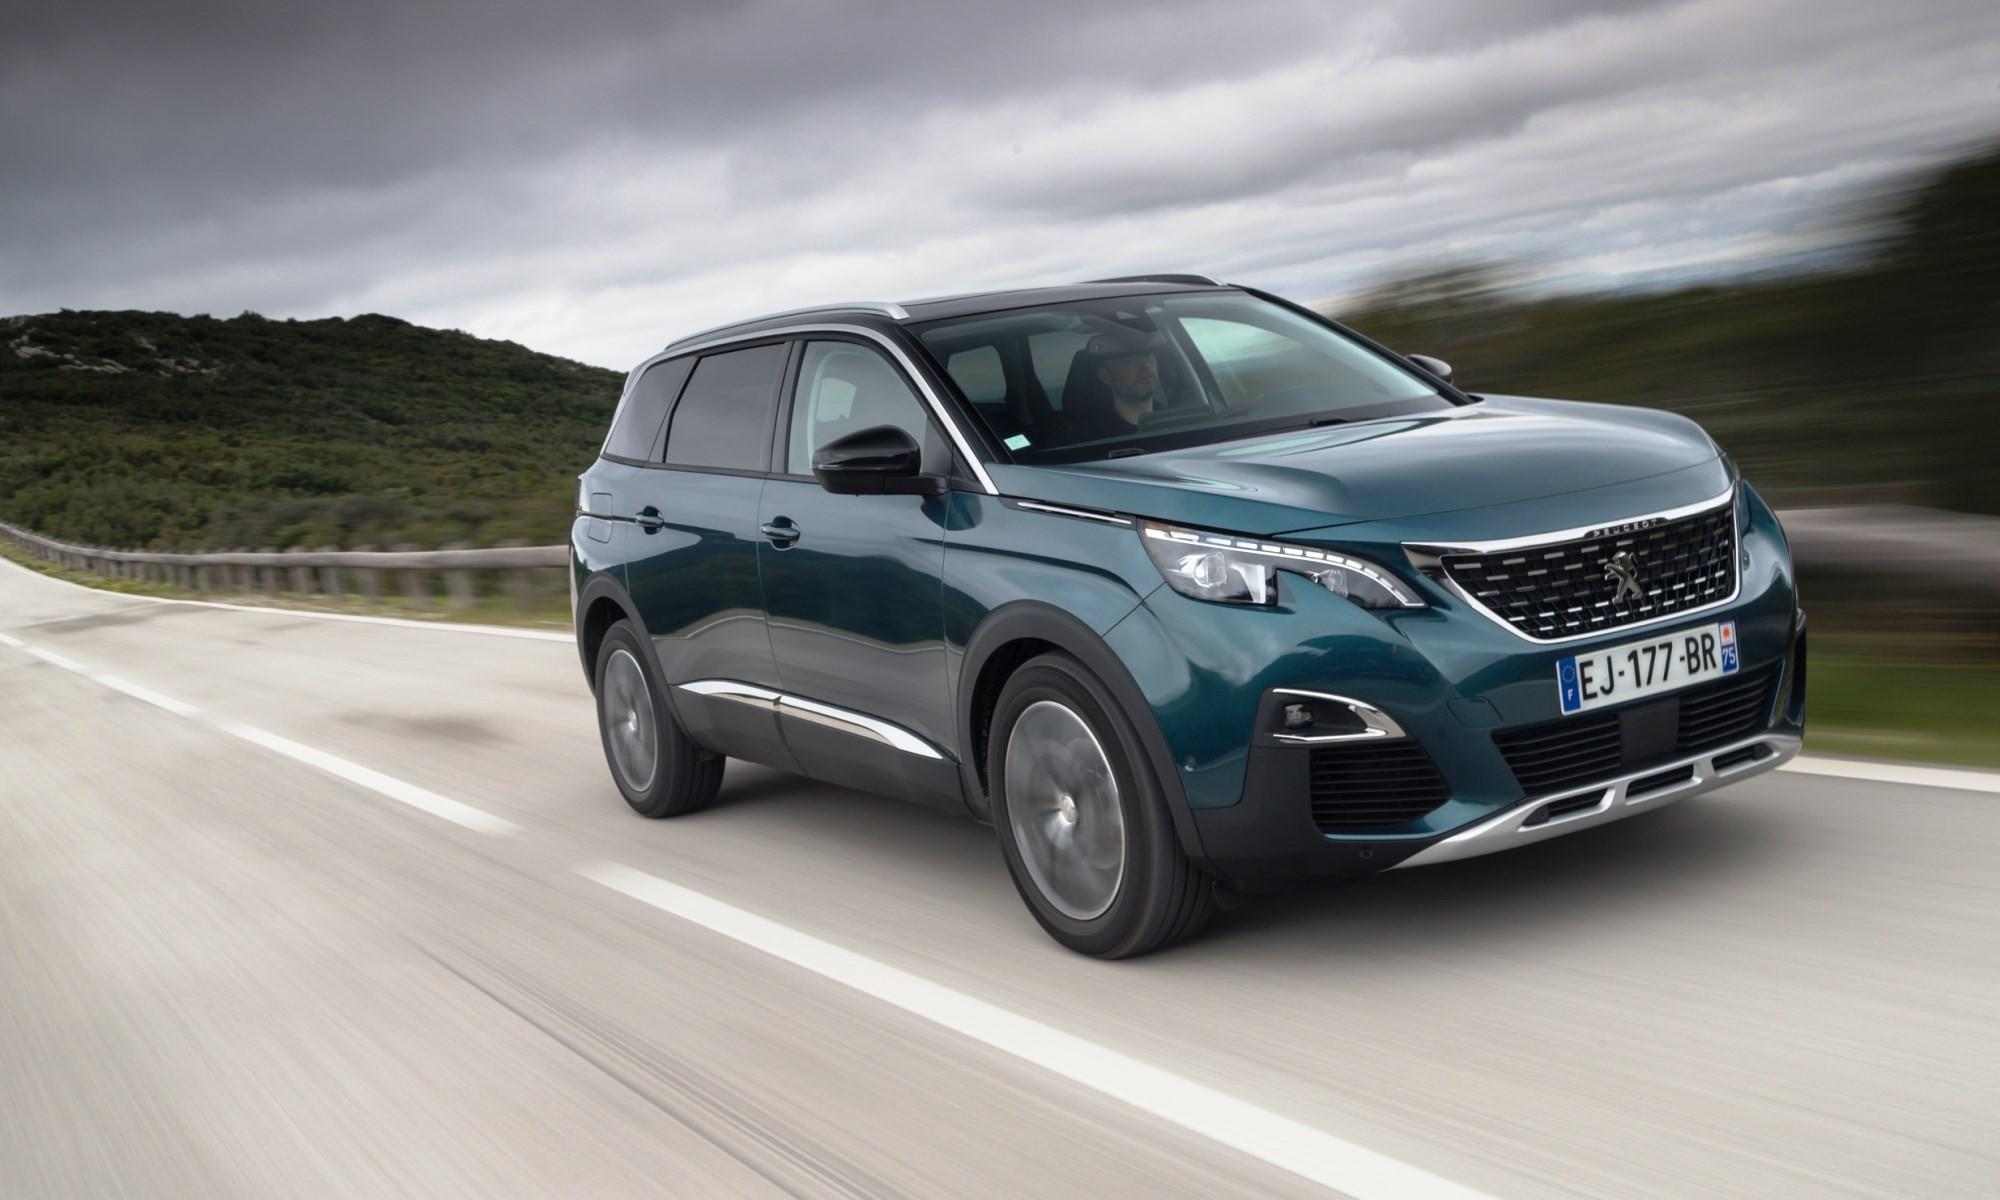 New Peugeot Models